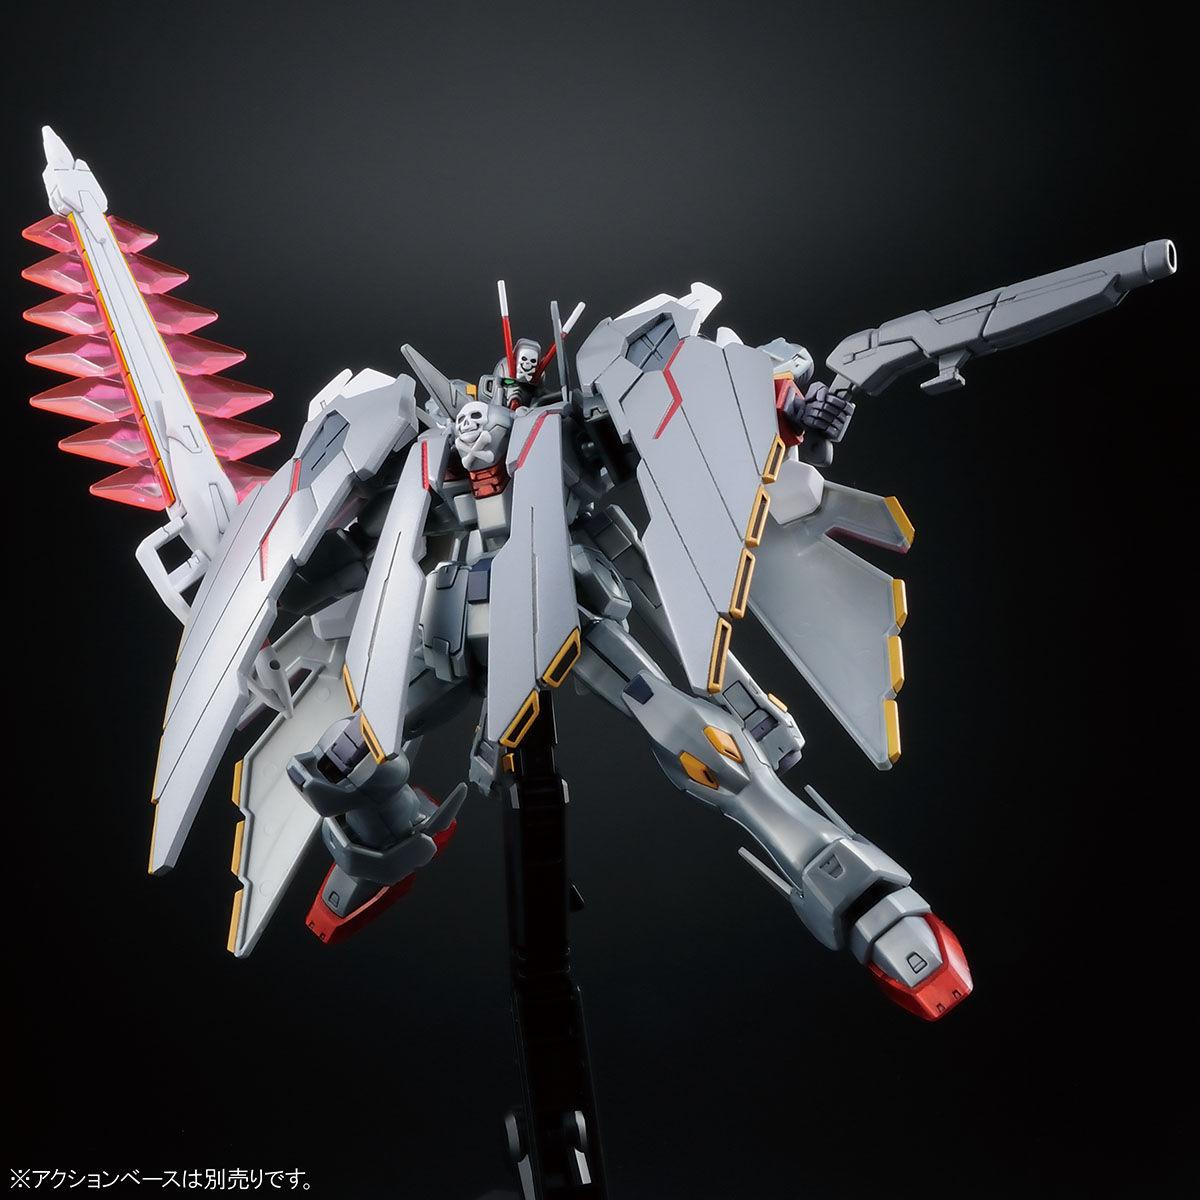 【限定販売】HG 1/144『クロスボーン・ガンダムX-0フルクロス』プラモデル-005